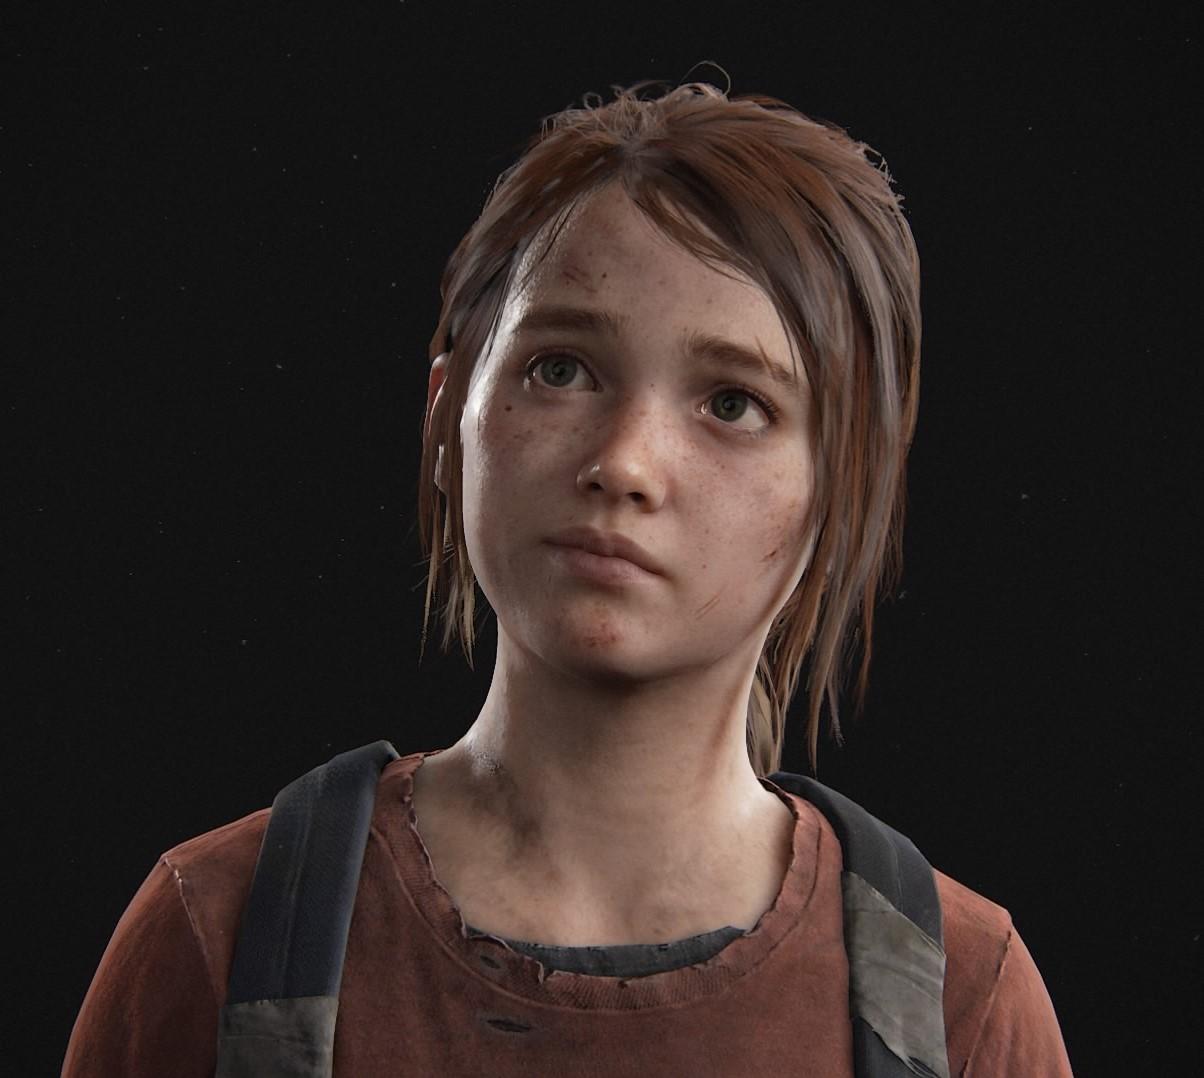 Série de The Last Of Us terá Bella Ramsey, de Game of Thrones, como Ellie